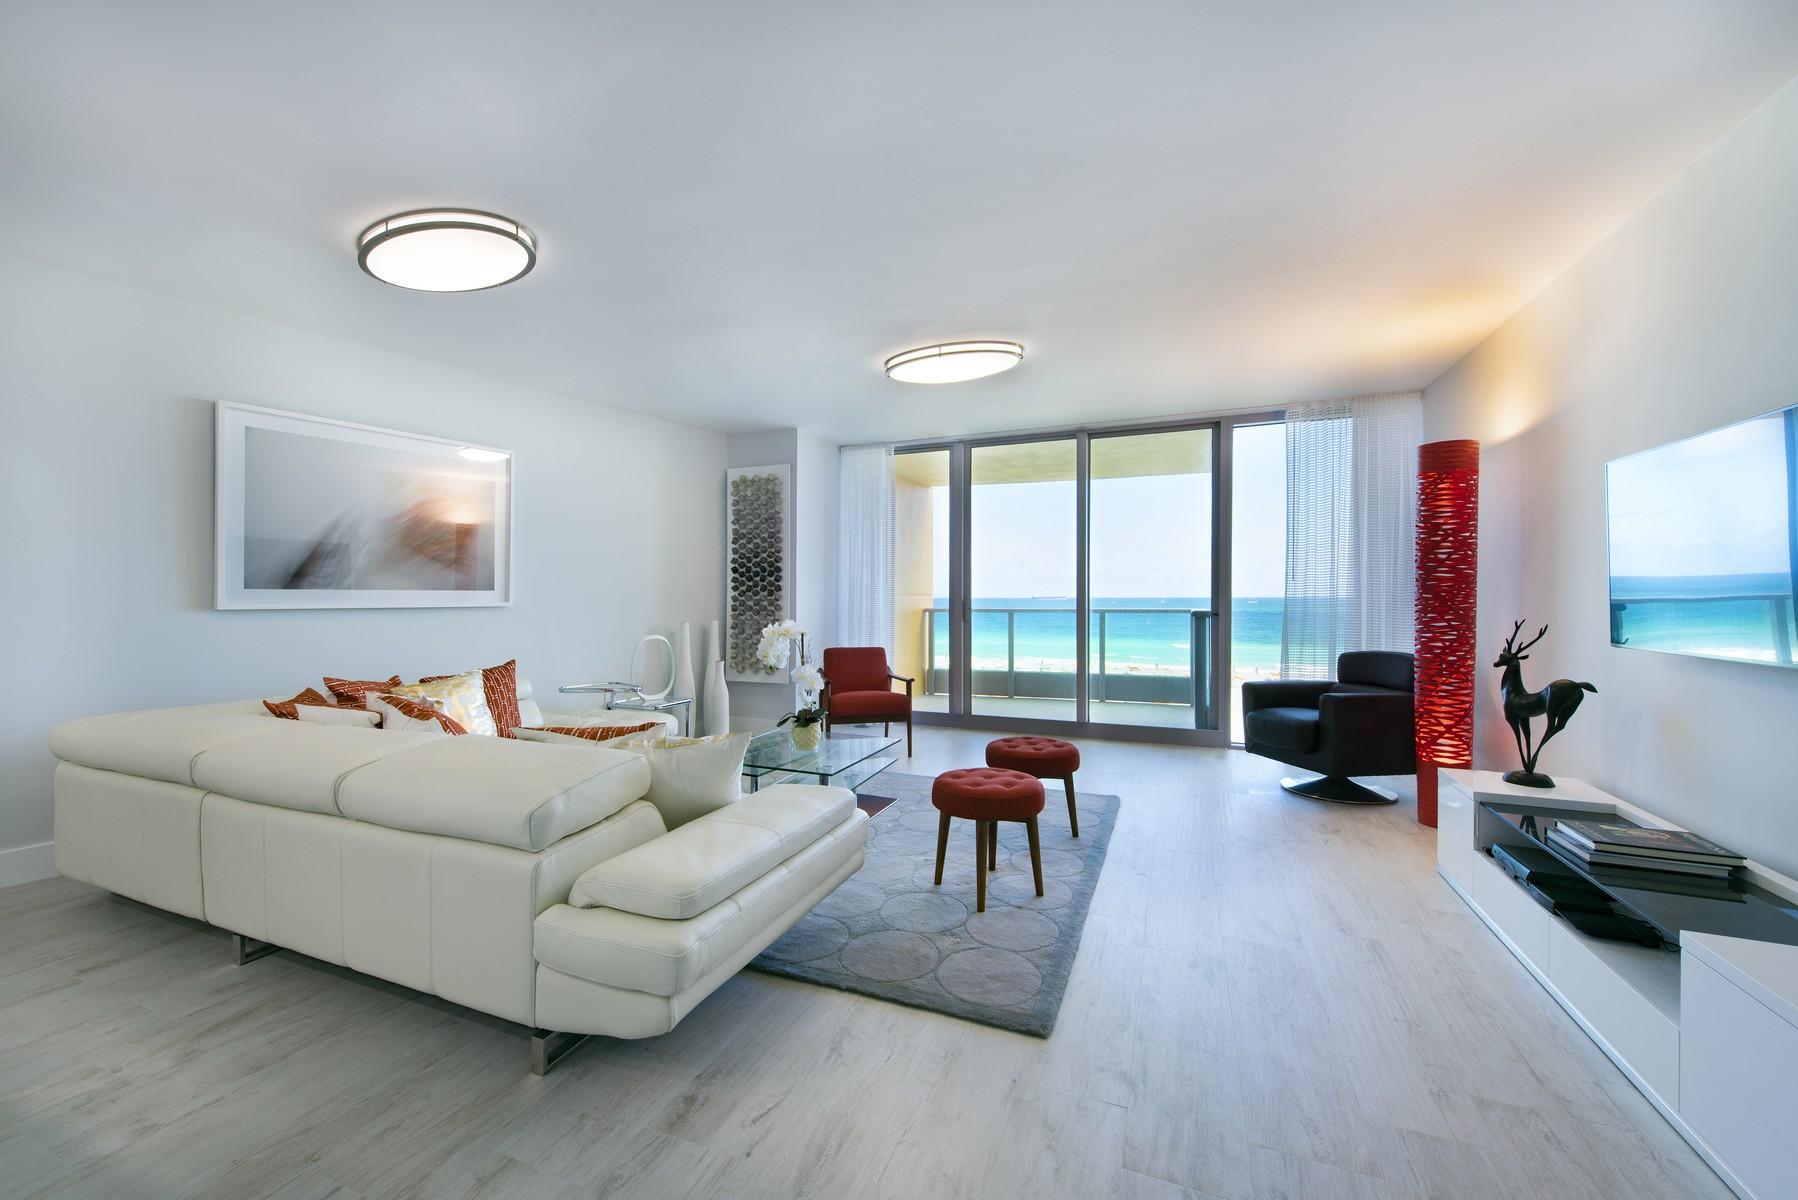 Кооперативная квартира для того Продажа на 1455 OCEAN DR #606 Miami Beach, Флорида 33139 Соединенные Штаты